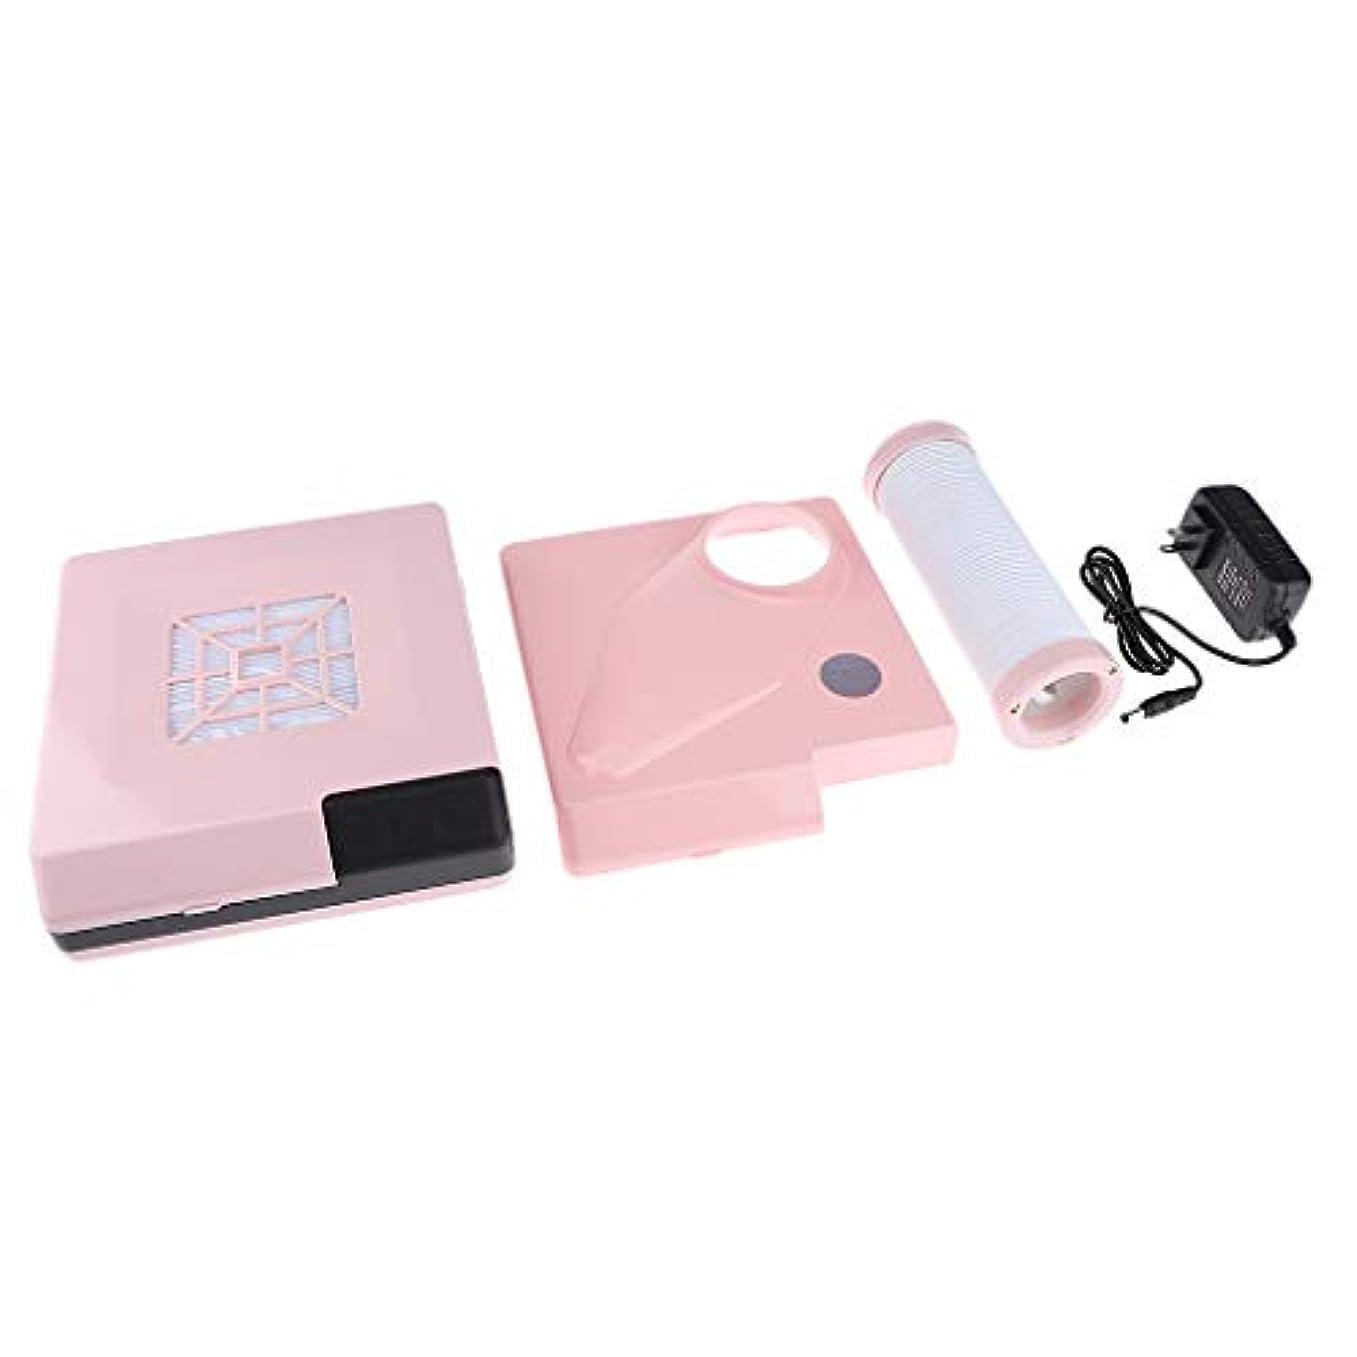 囚人一致する最後にB Blesiya ネイルダストコレクター 60W ネイルサロン プロ 2色選べ - ピンク